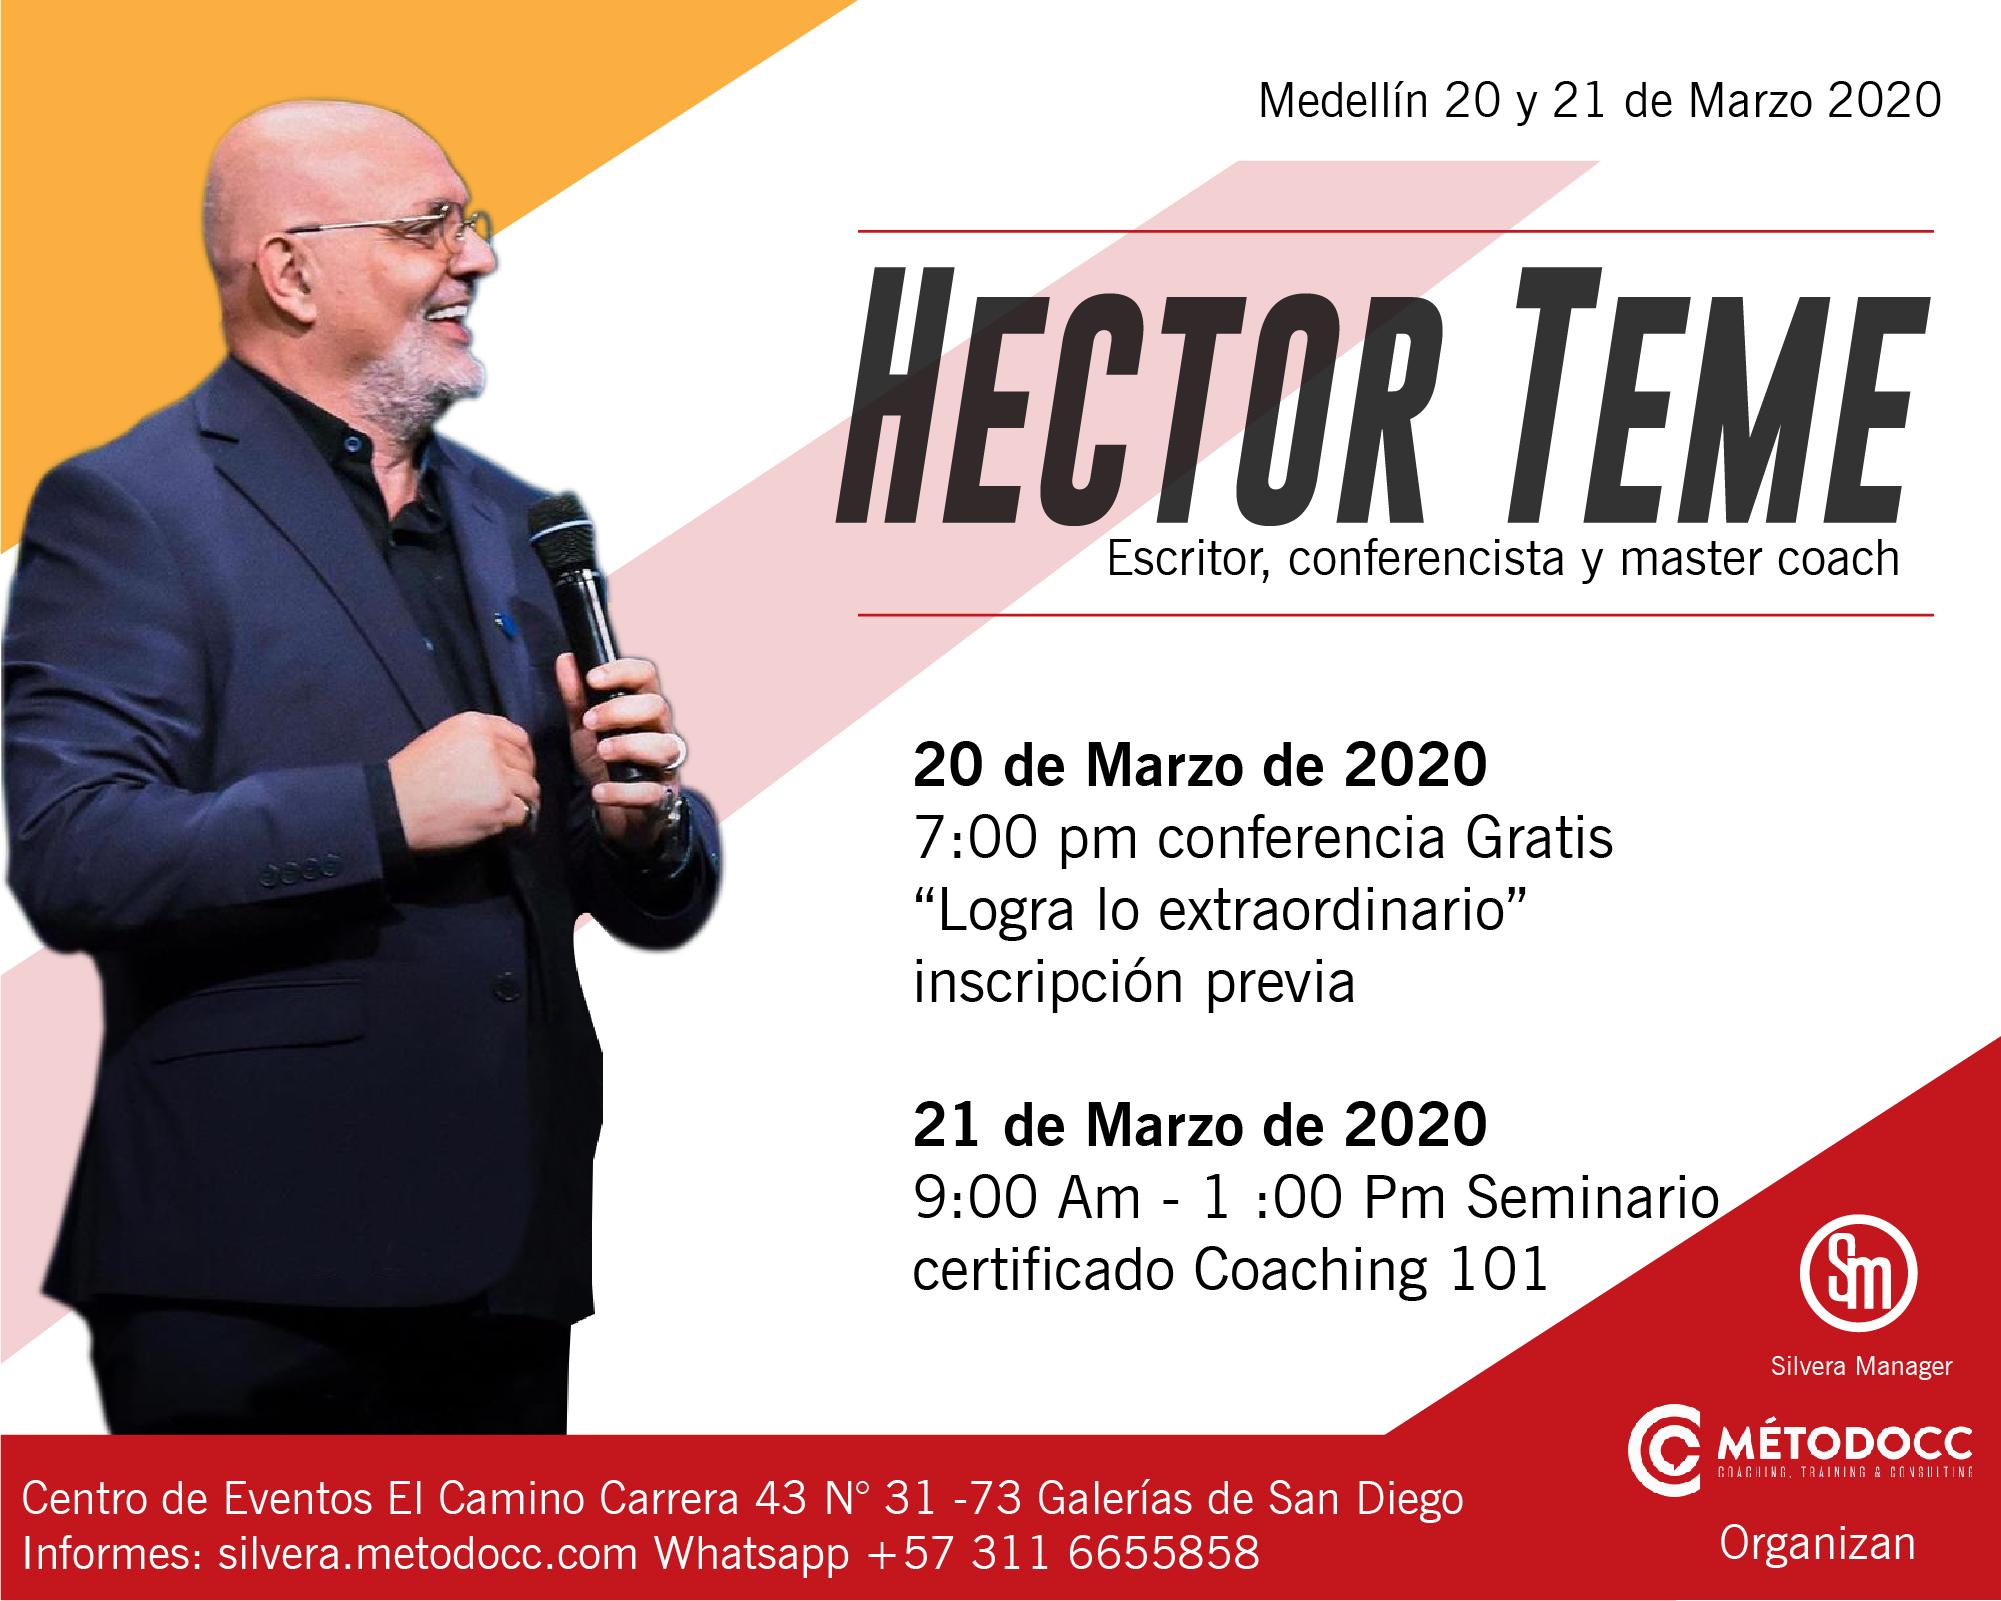 HECTOR TEME 20 y 21 MARZO 2020